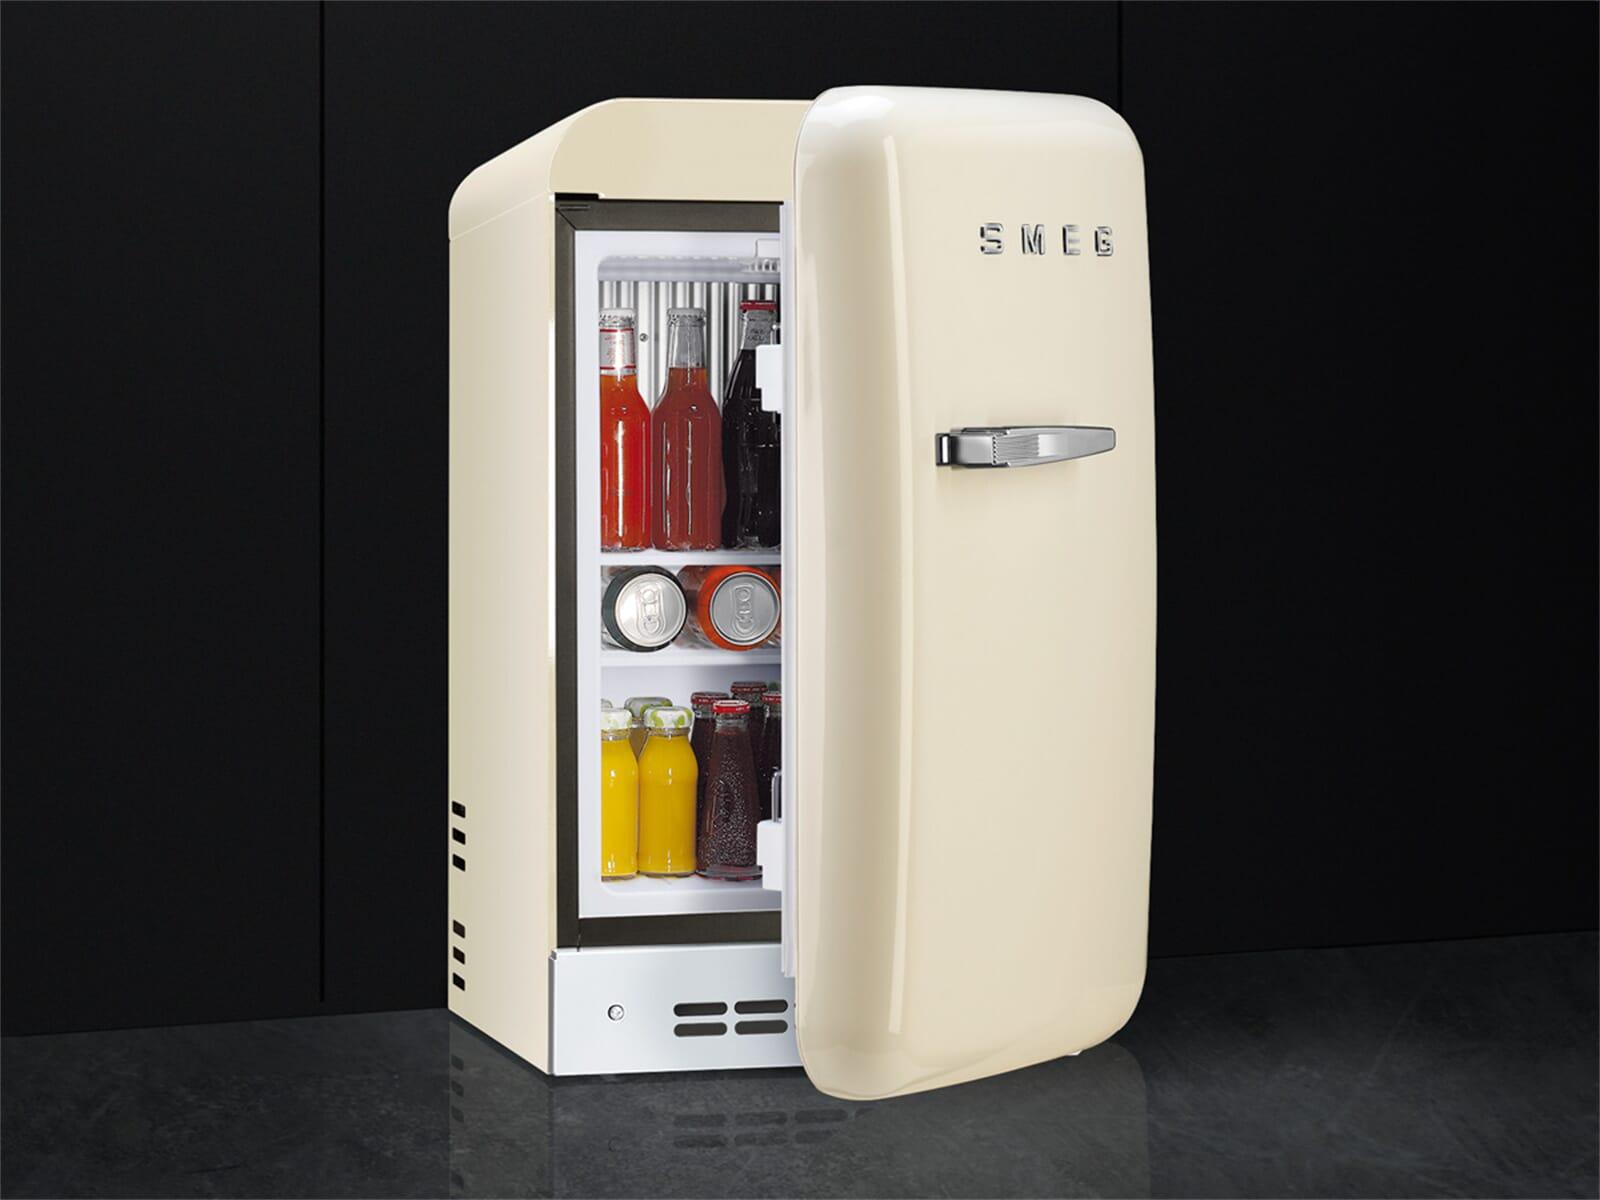 Kühlschrank Creme : Smeg fab rcr standkühlschrank creme